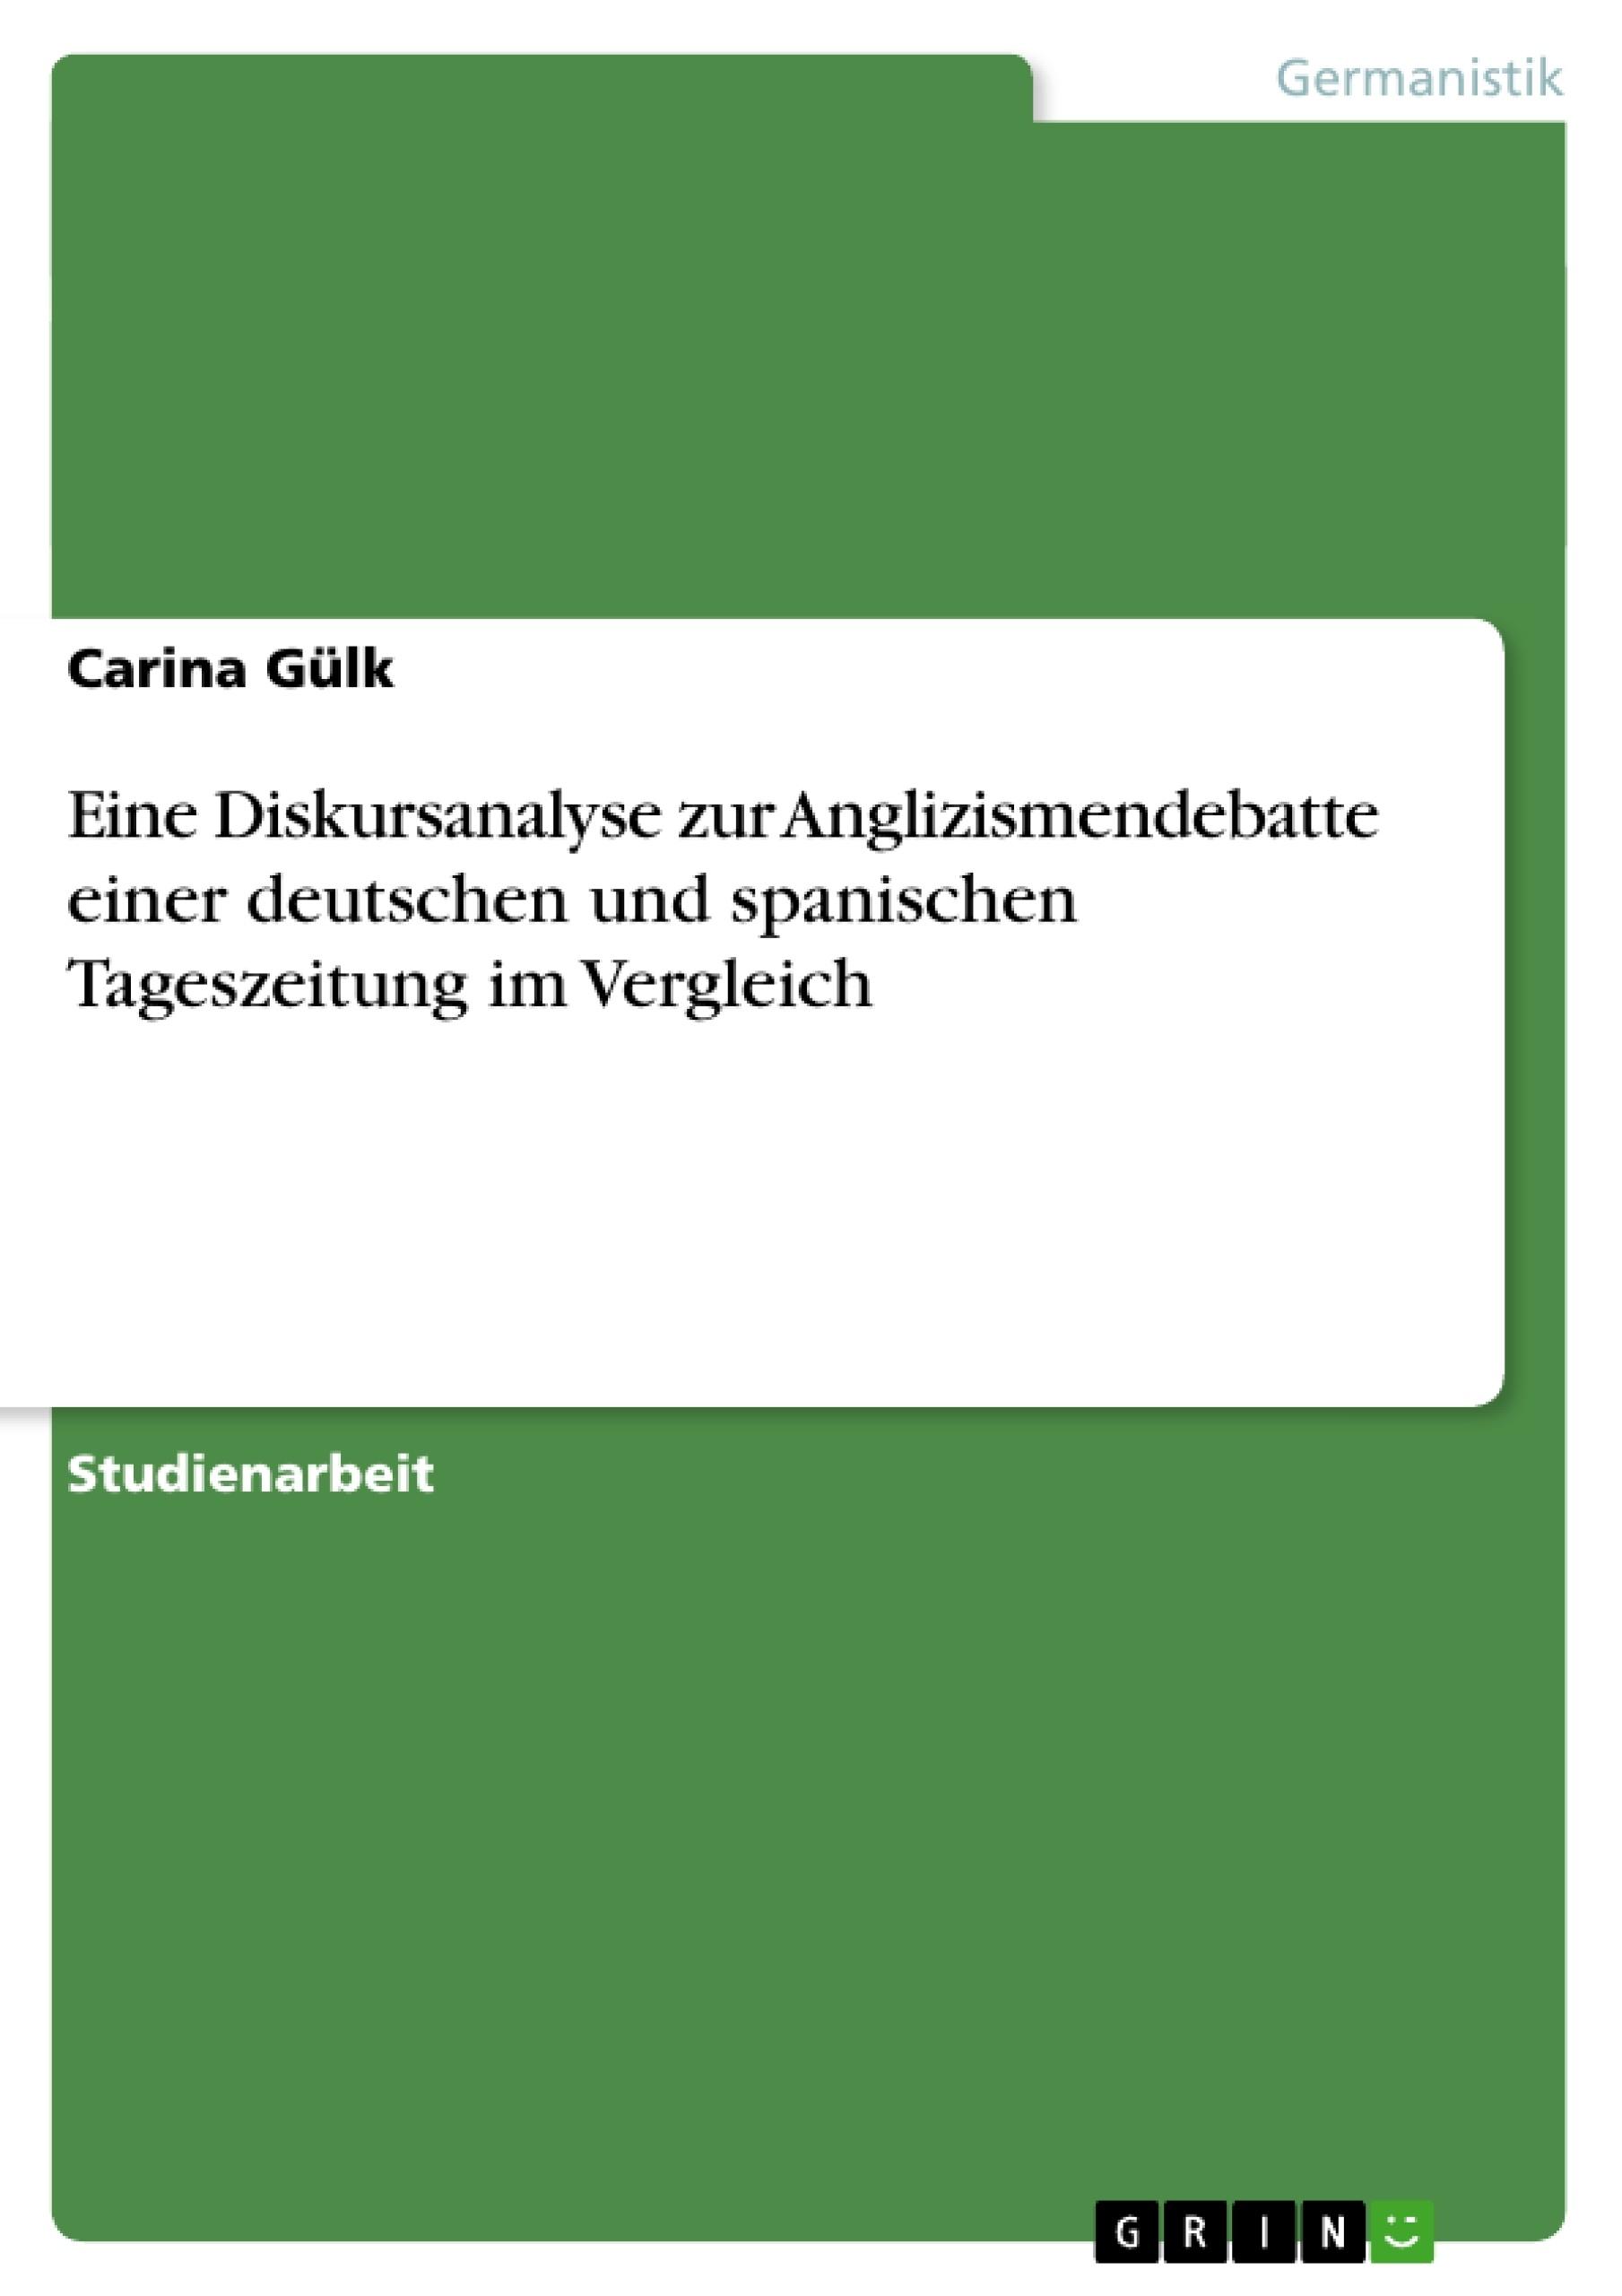 Titel: Eine Diskursanalyse zur Anglizismendebatte einer deutschen und spanischen Tageszeitung im Vergleich